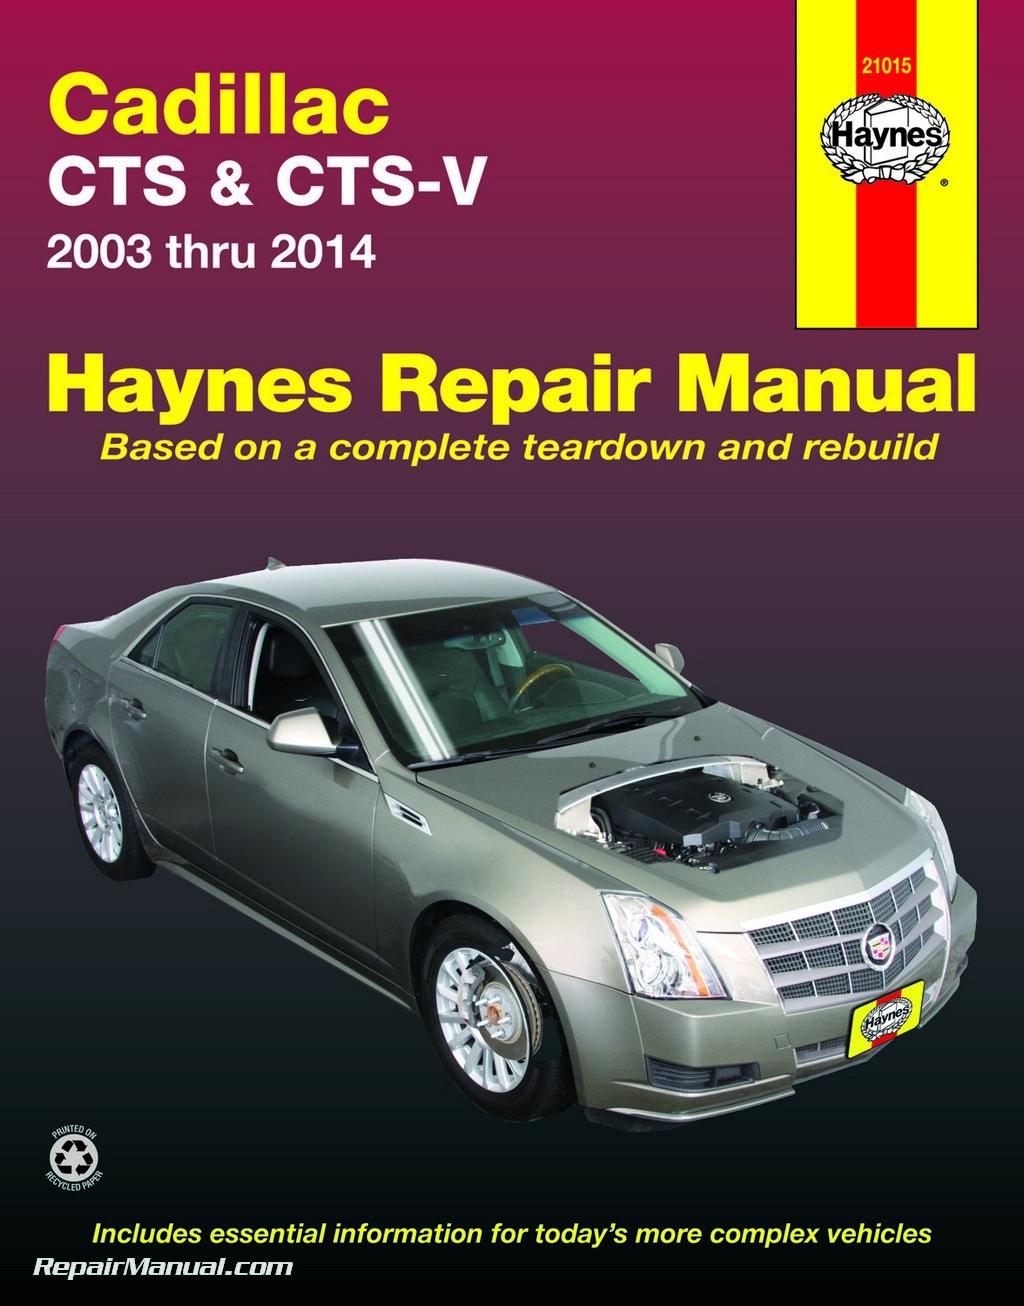 cadillac cts cts v 2003 2014 repair manual by haynes rh repairmanual com BMW Repair Manual Inspection Cadillac